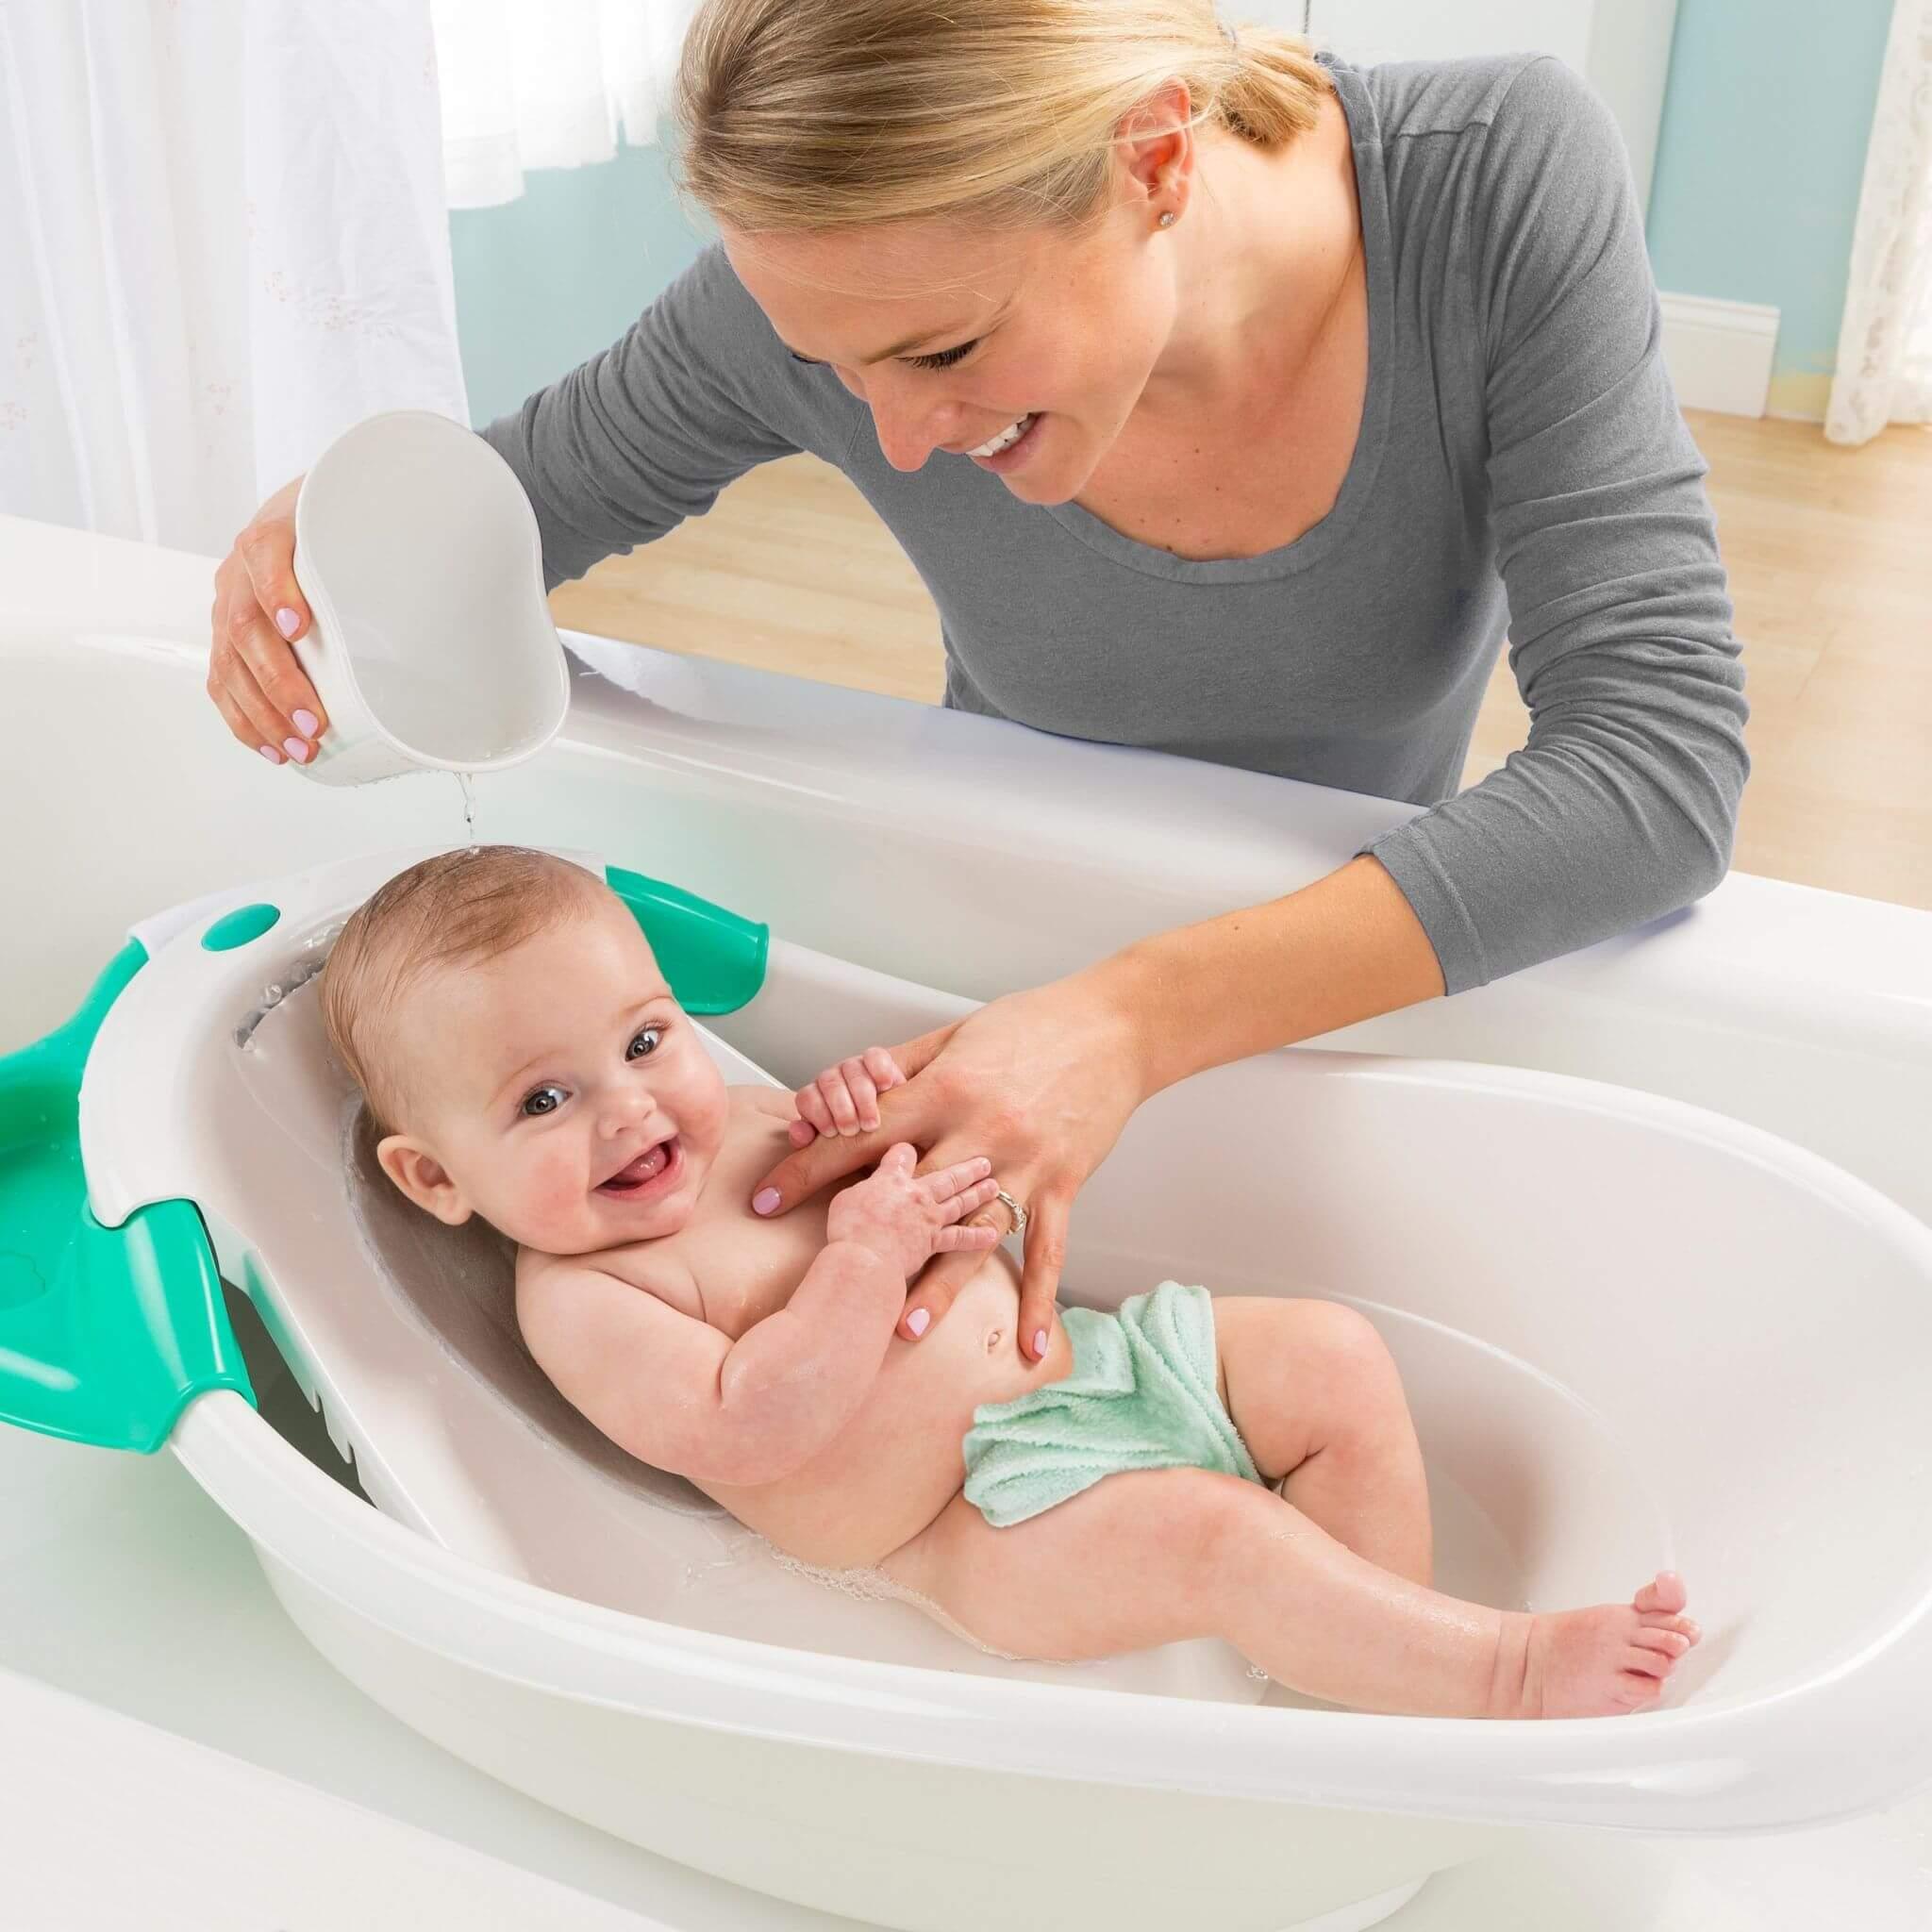 Разновидности моделей гамака для купания новорожденных